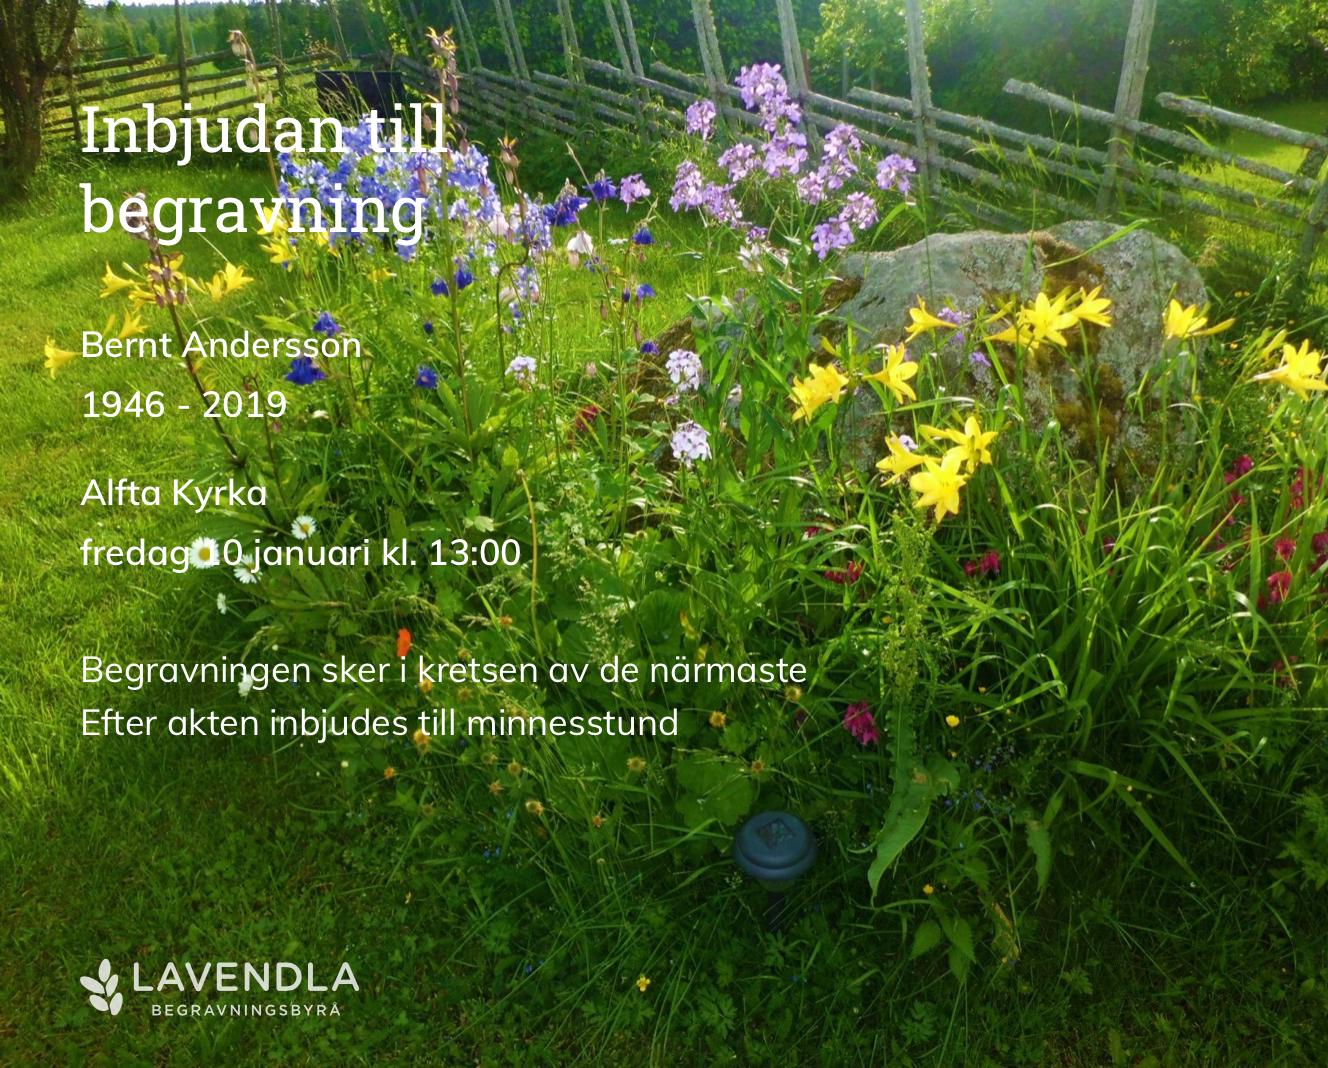 Inbjudningskort till ceremonin för Bernt Andersson